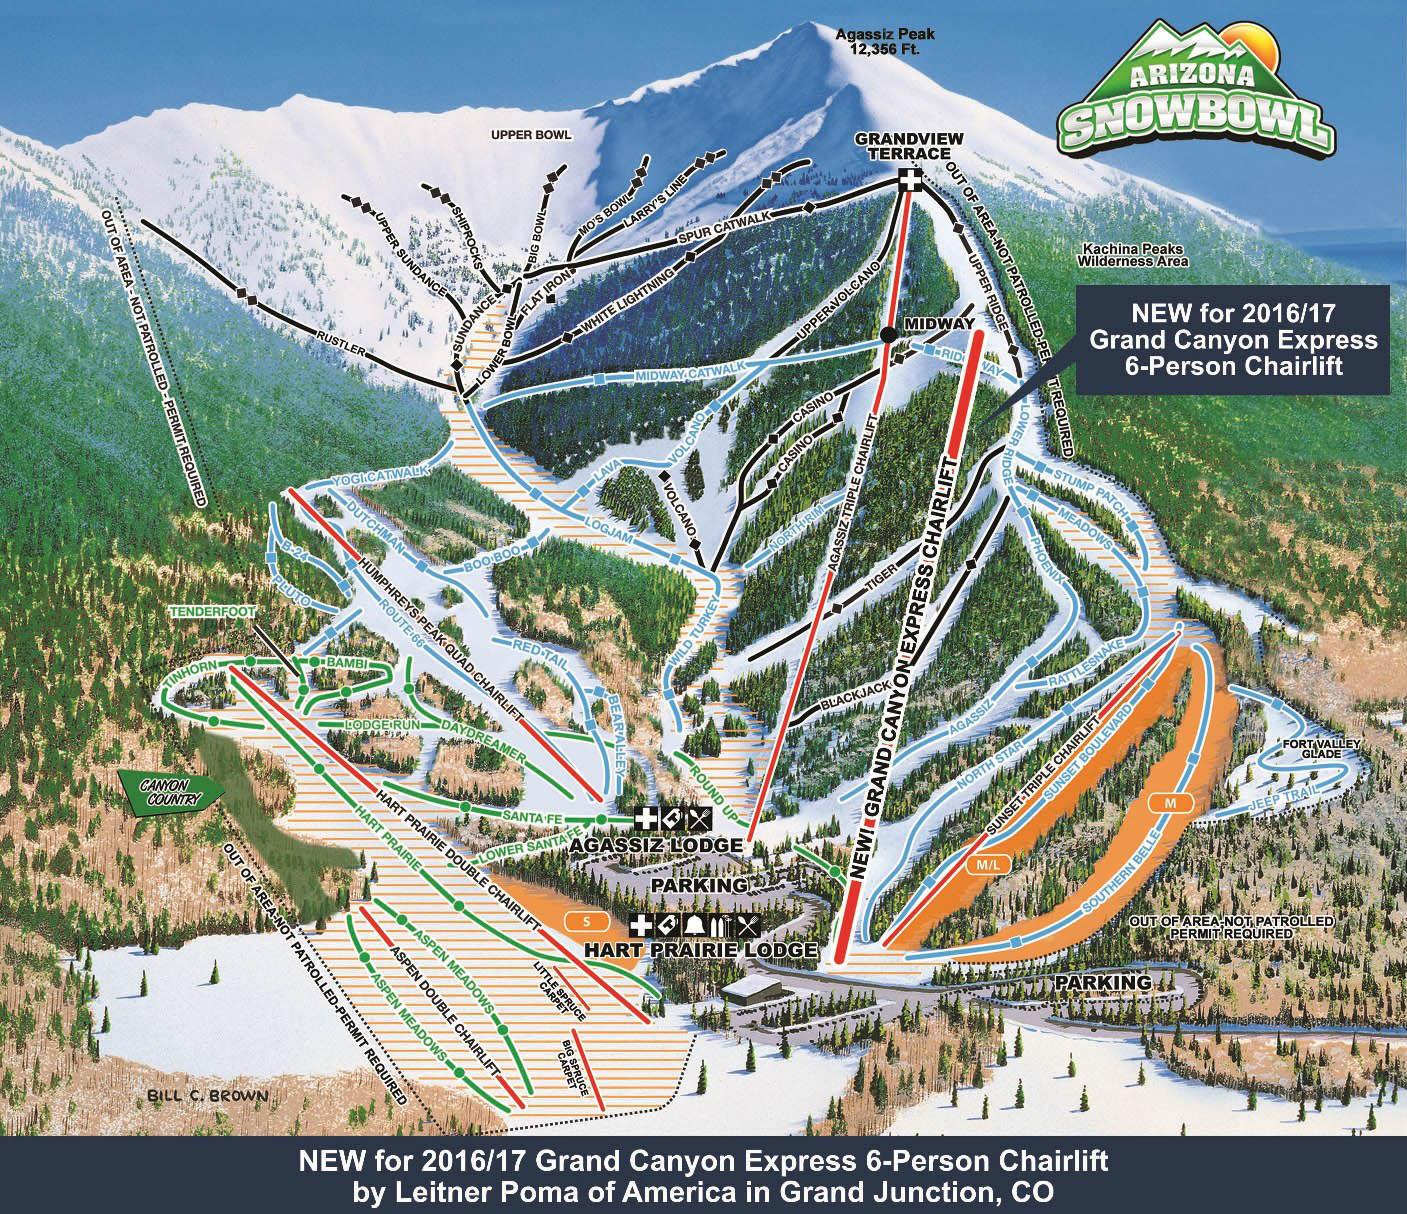 snowbowl Snowbowl Map on flagstaff ski bowl map, lost trail map, whitefish mountain resort map, flagstaff az map, bridger bowl map, the arizona trail map,